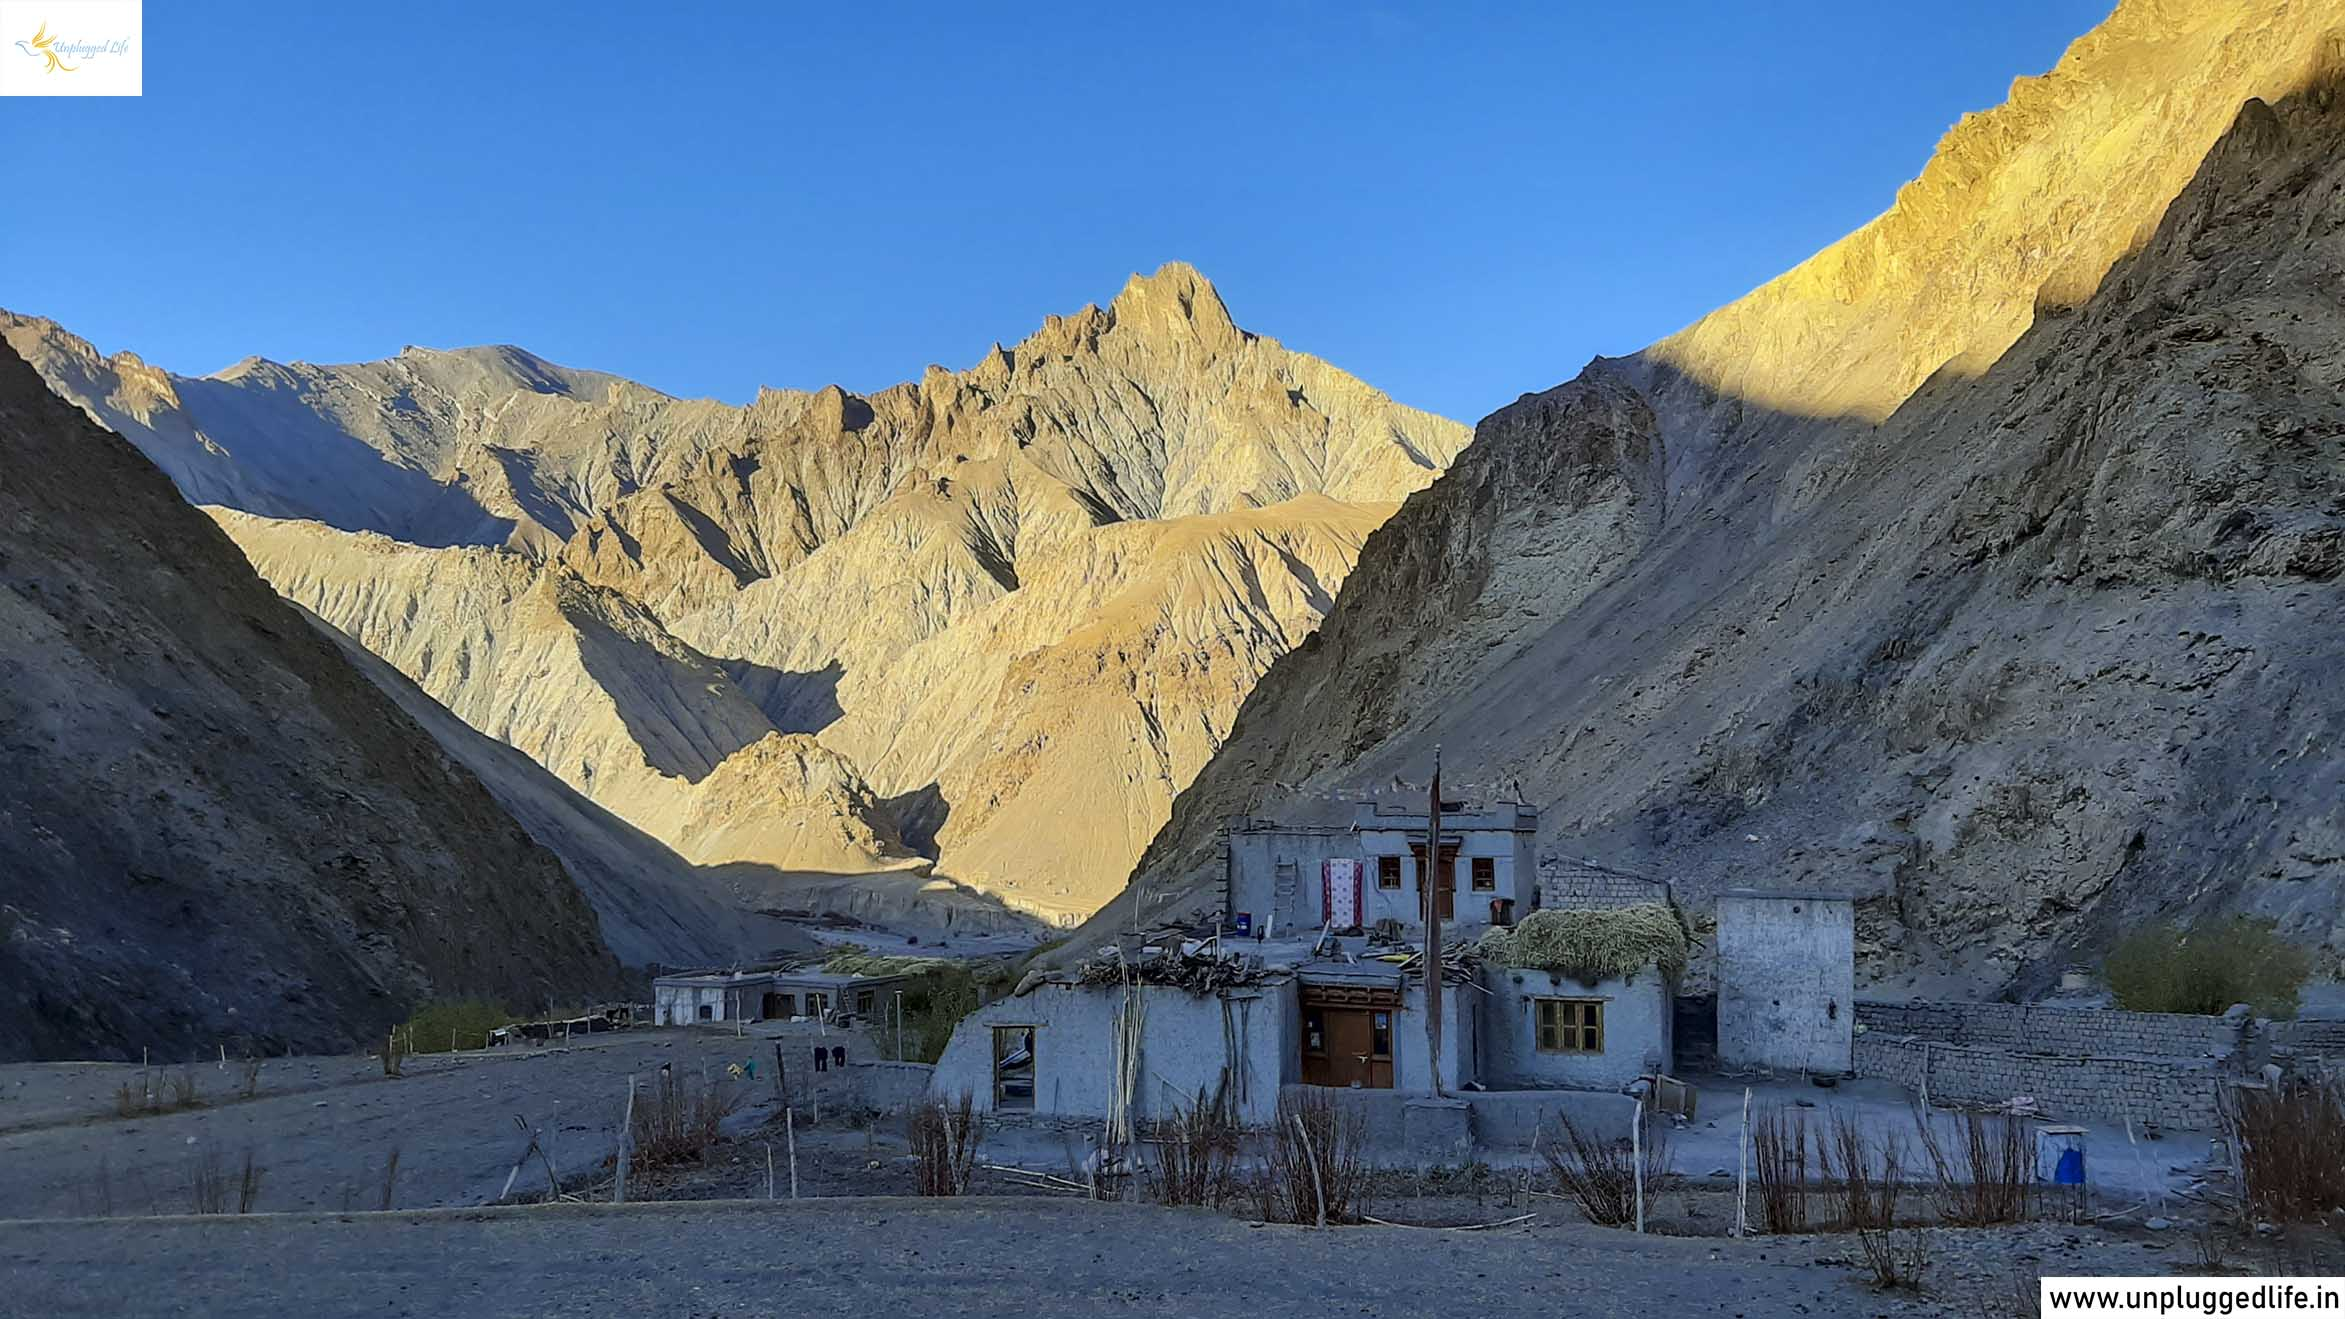 Hankar Village, Markha Valley Trek, Offbeat Villages in Ladakh, Remote Villages in Ladakh, Small Villages in Ladakh, Classic Markha Valley, Markha Valley in Ladakh